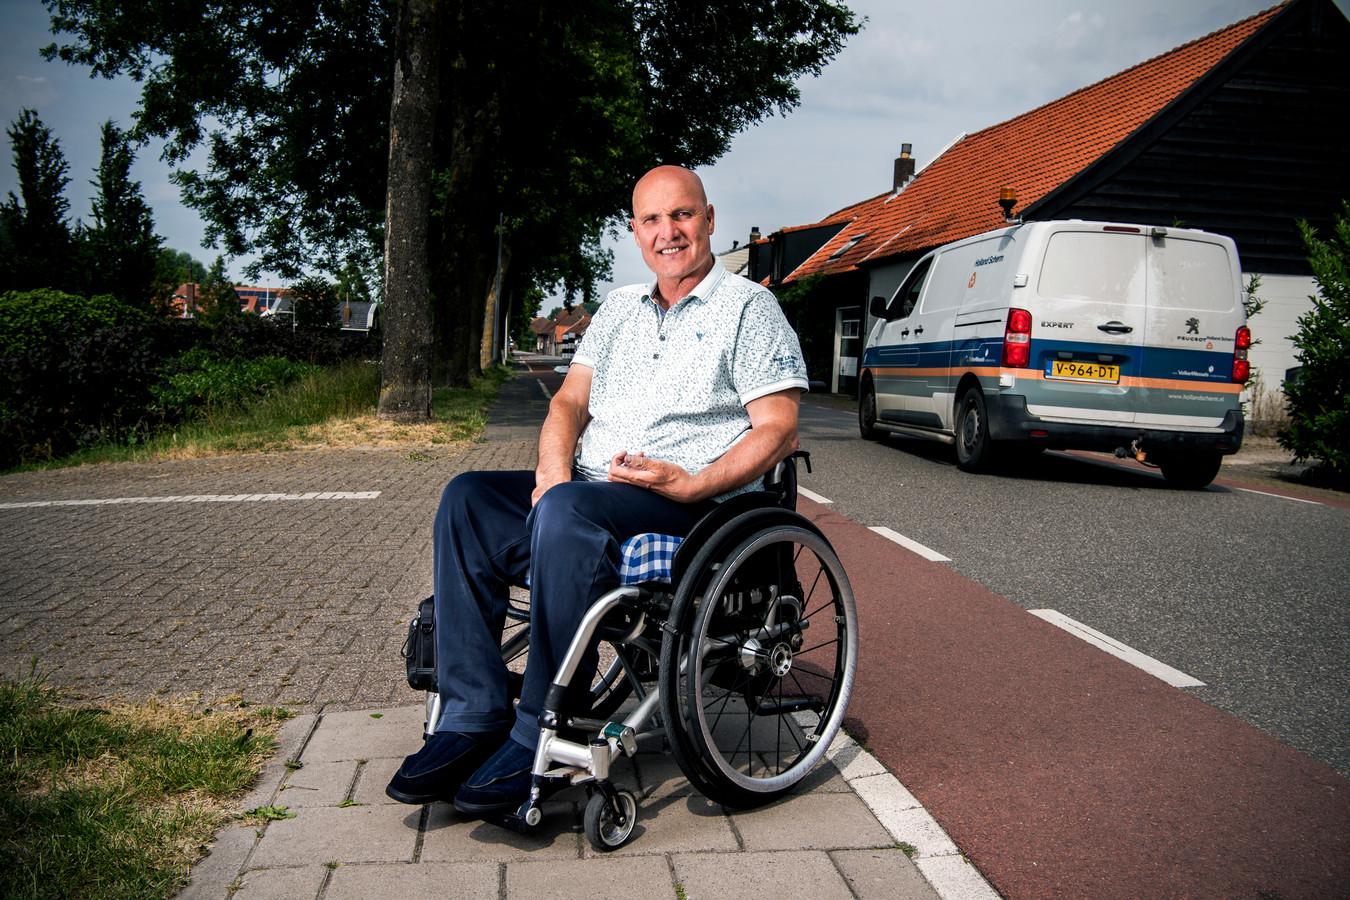 Sjaak van Bergen uit Stad aan 't Haringvliet verloor tien jaar geleden zijn zoon bij een verkeersongeluk. Zelf raakte hij zwaar gewond.